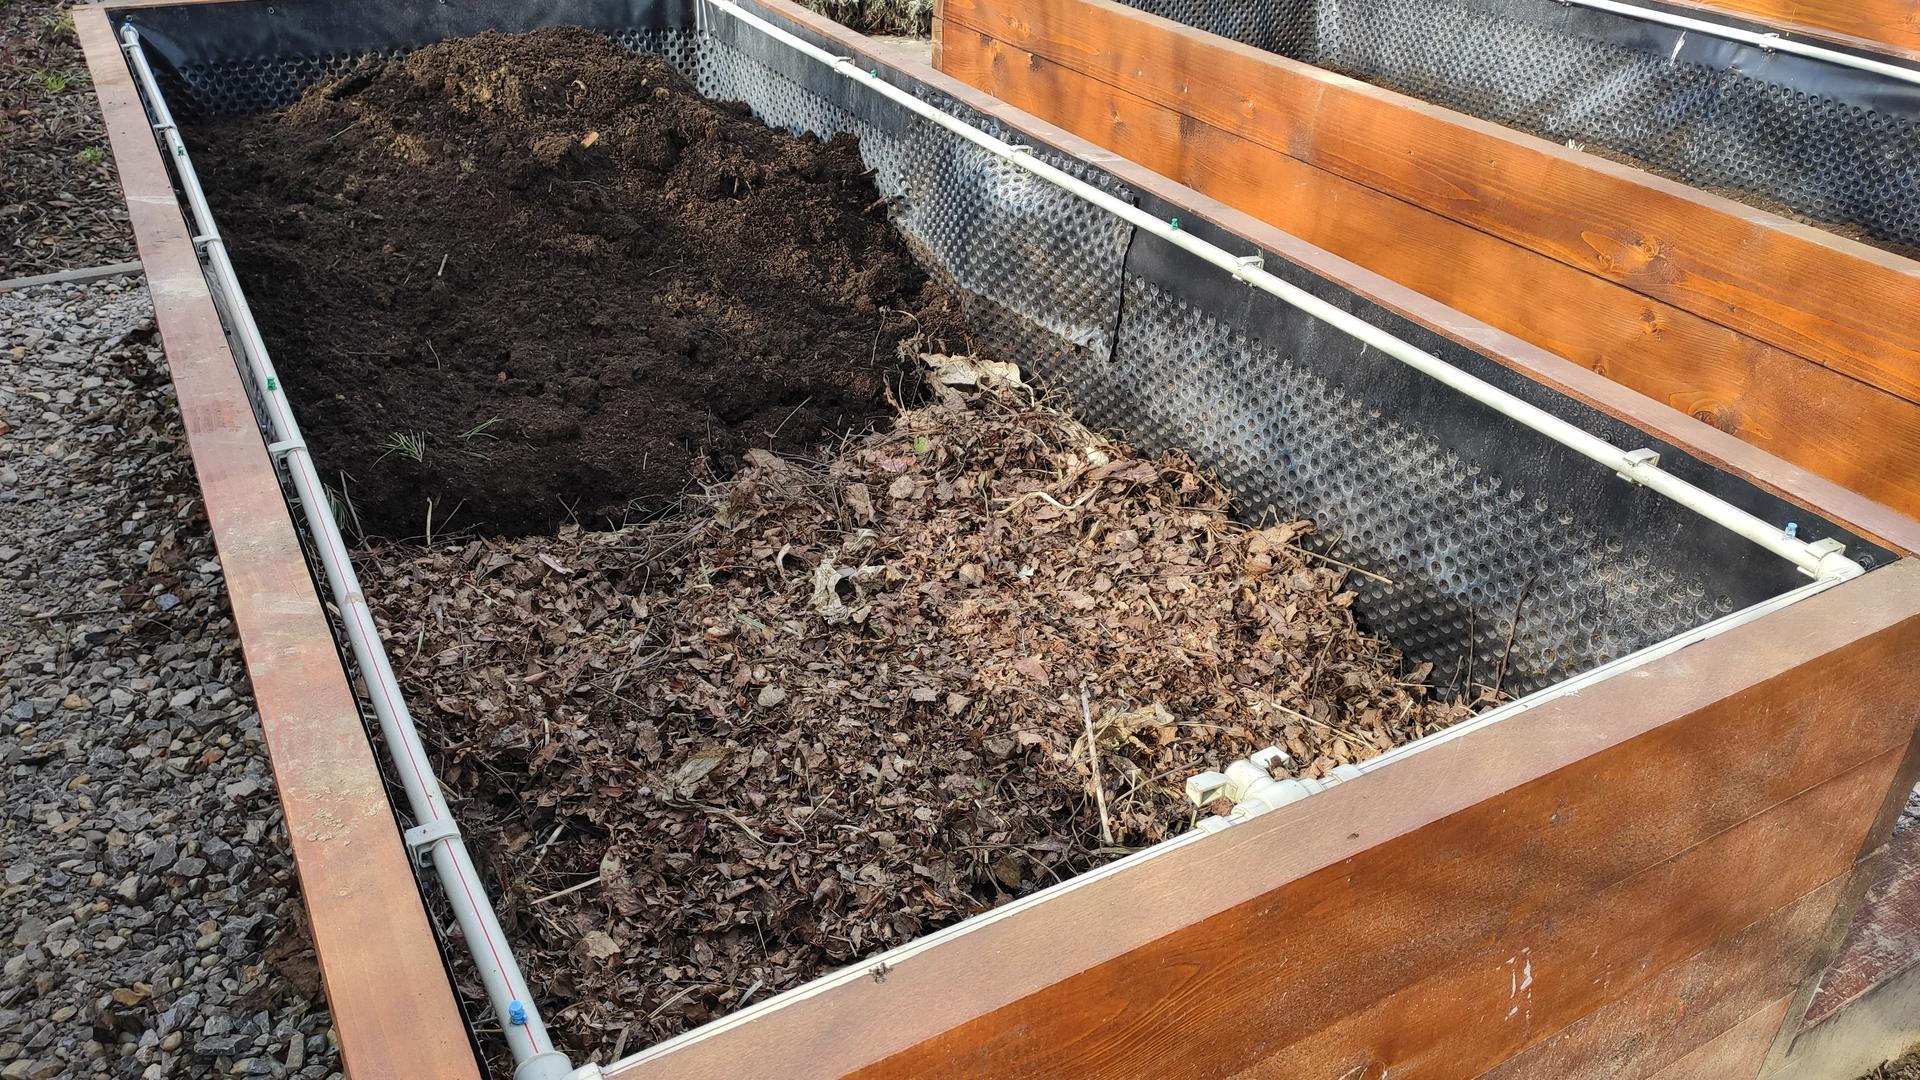 Vyvýšené záhony a úžitková záhrada - sezóna 2021 ... príprava, sadenie, starostlivosť - Obrázok č. 15